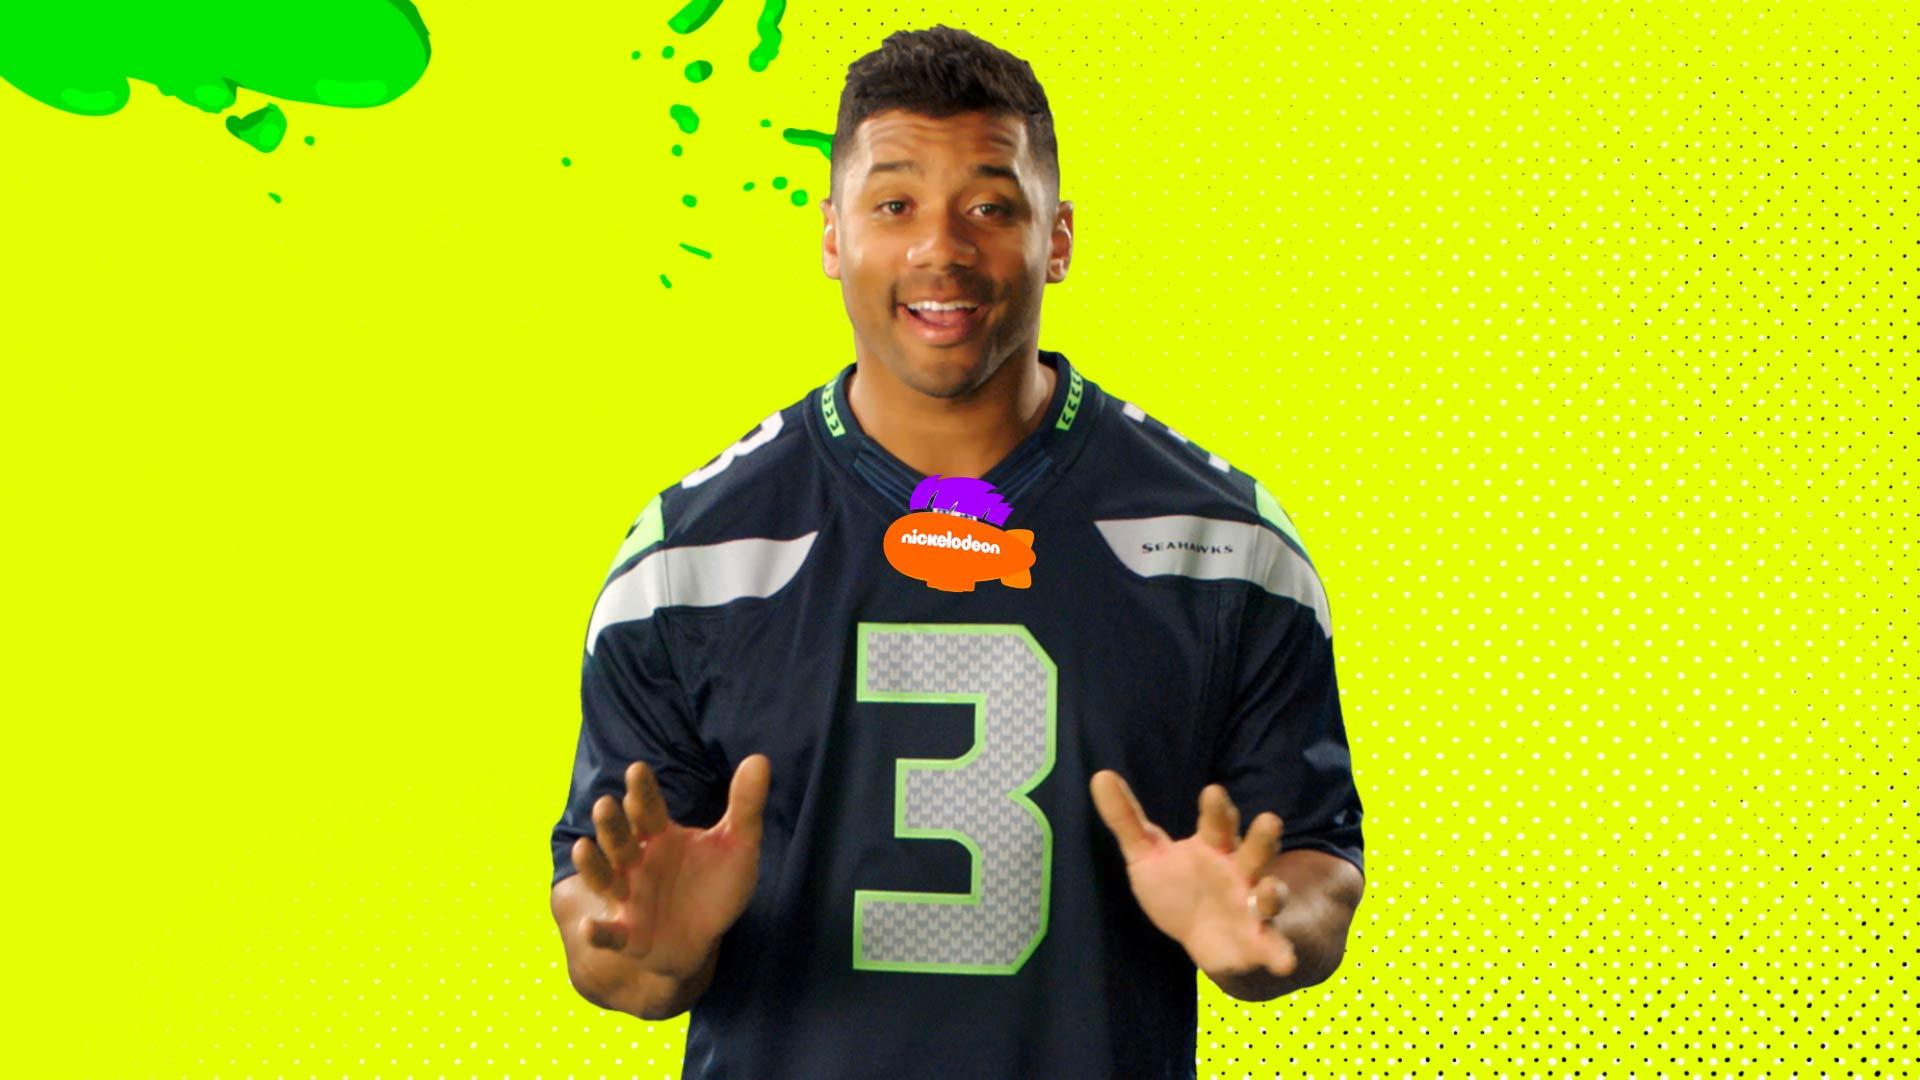 Nickelodeon_KCS_Touch_This_PreRenders (0-00-07-05).jpg